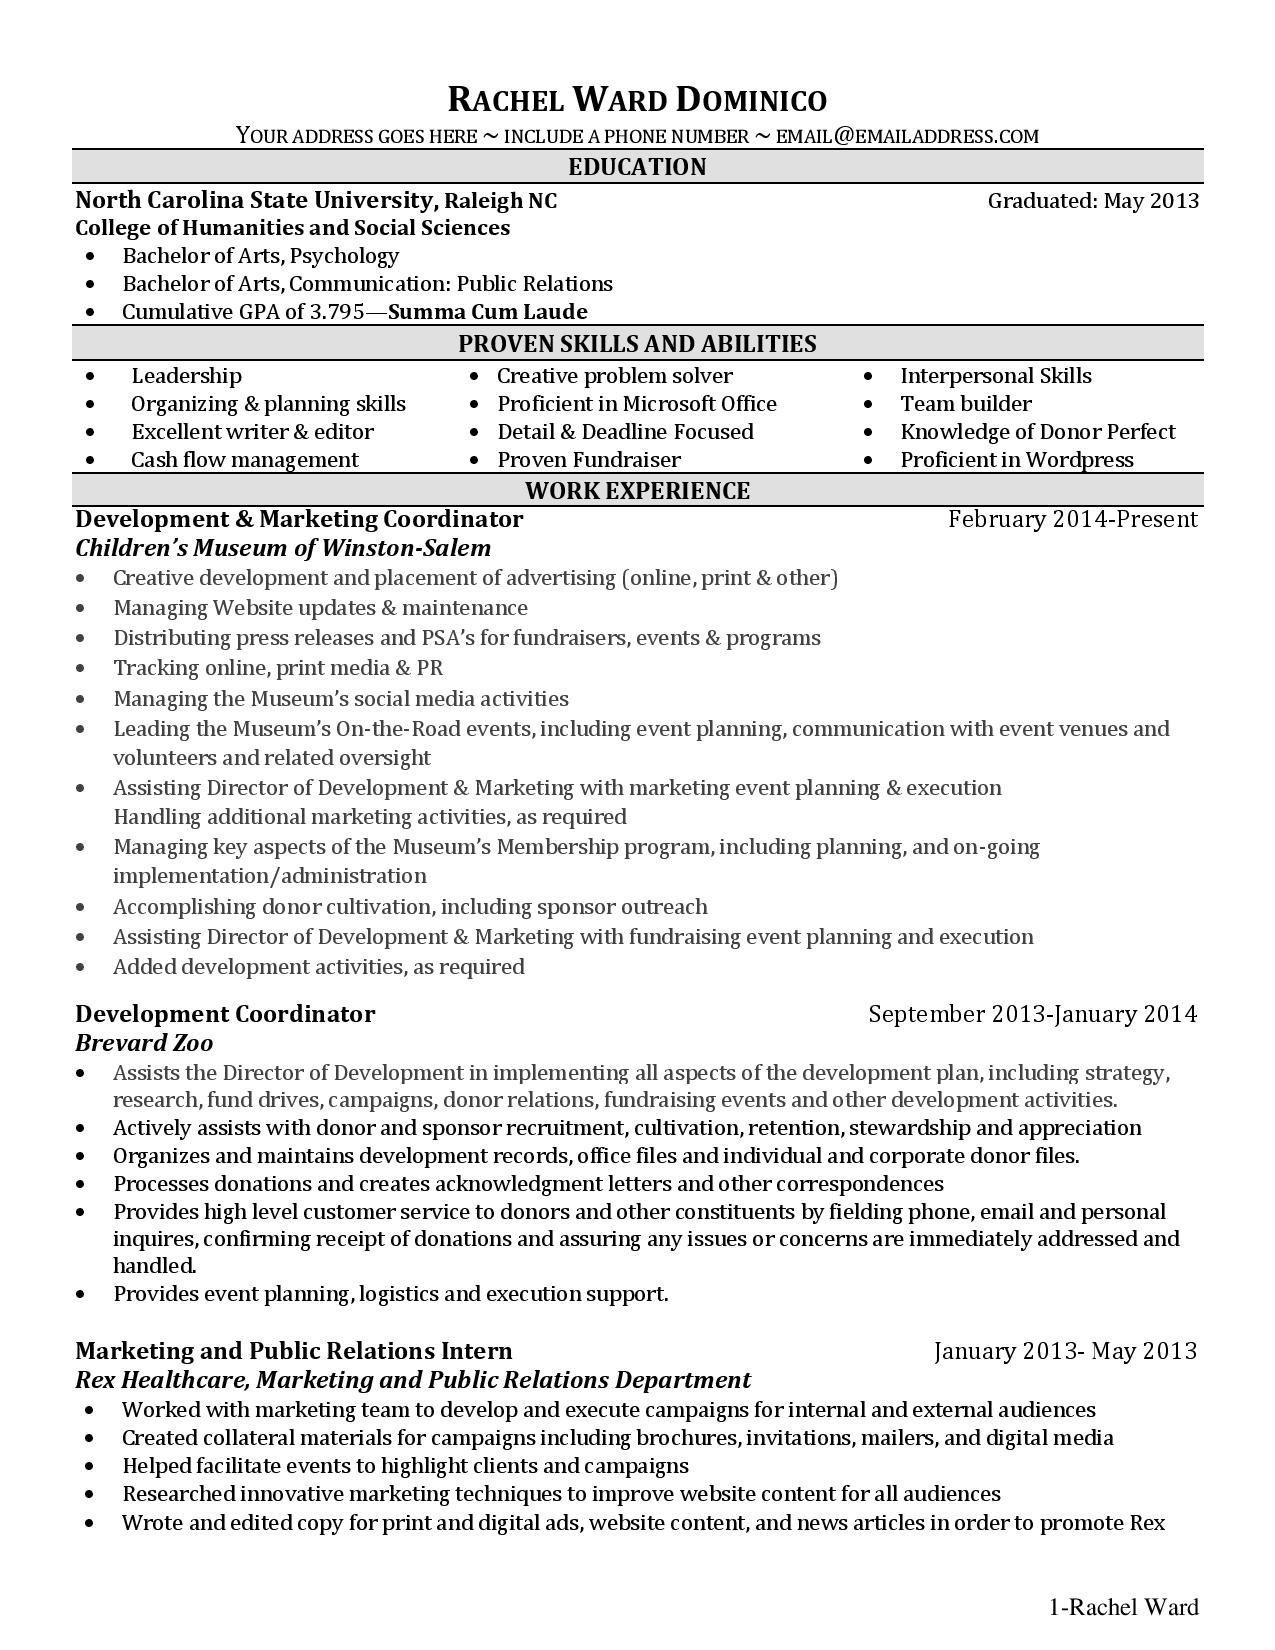 Degree On Resume Talktomartyb Amazing